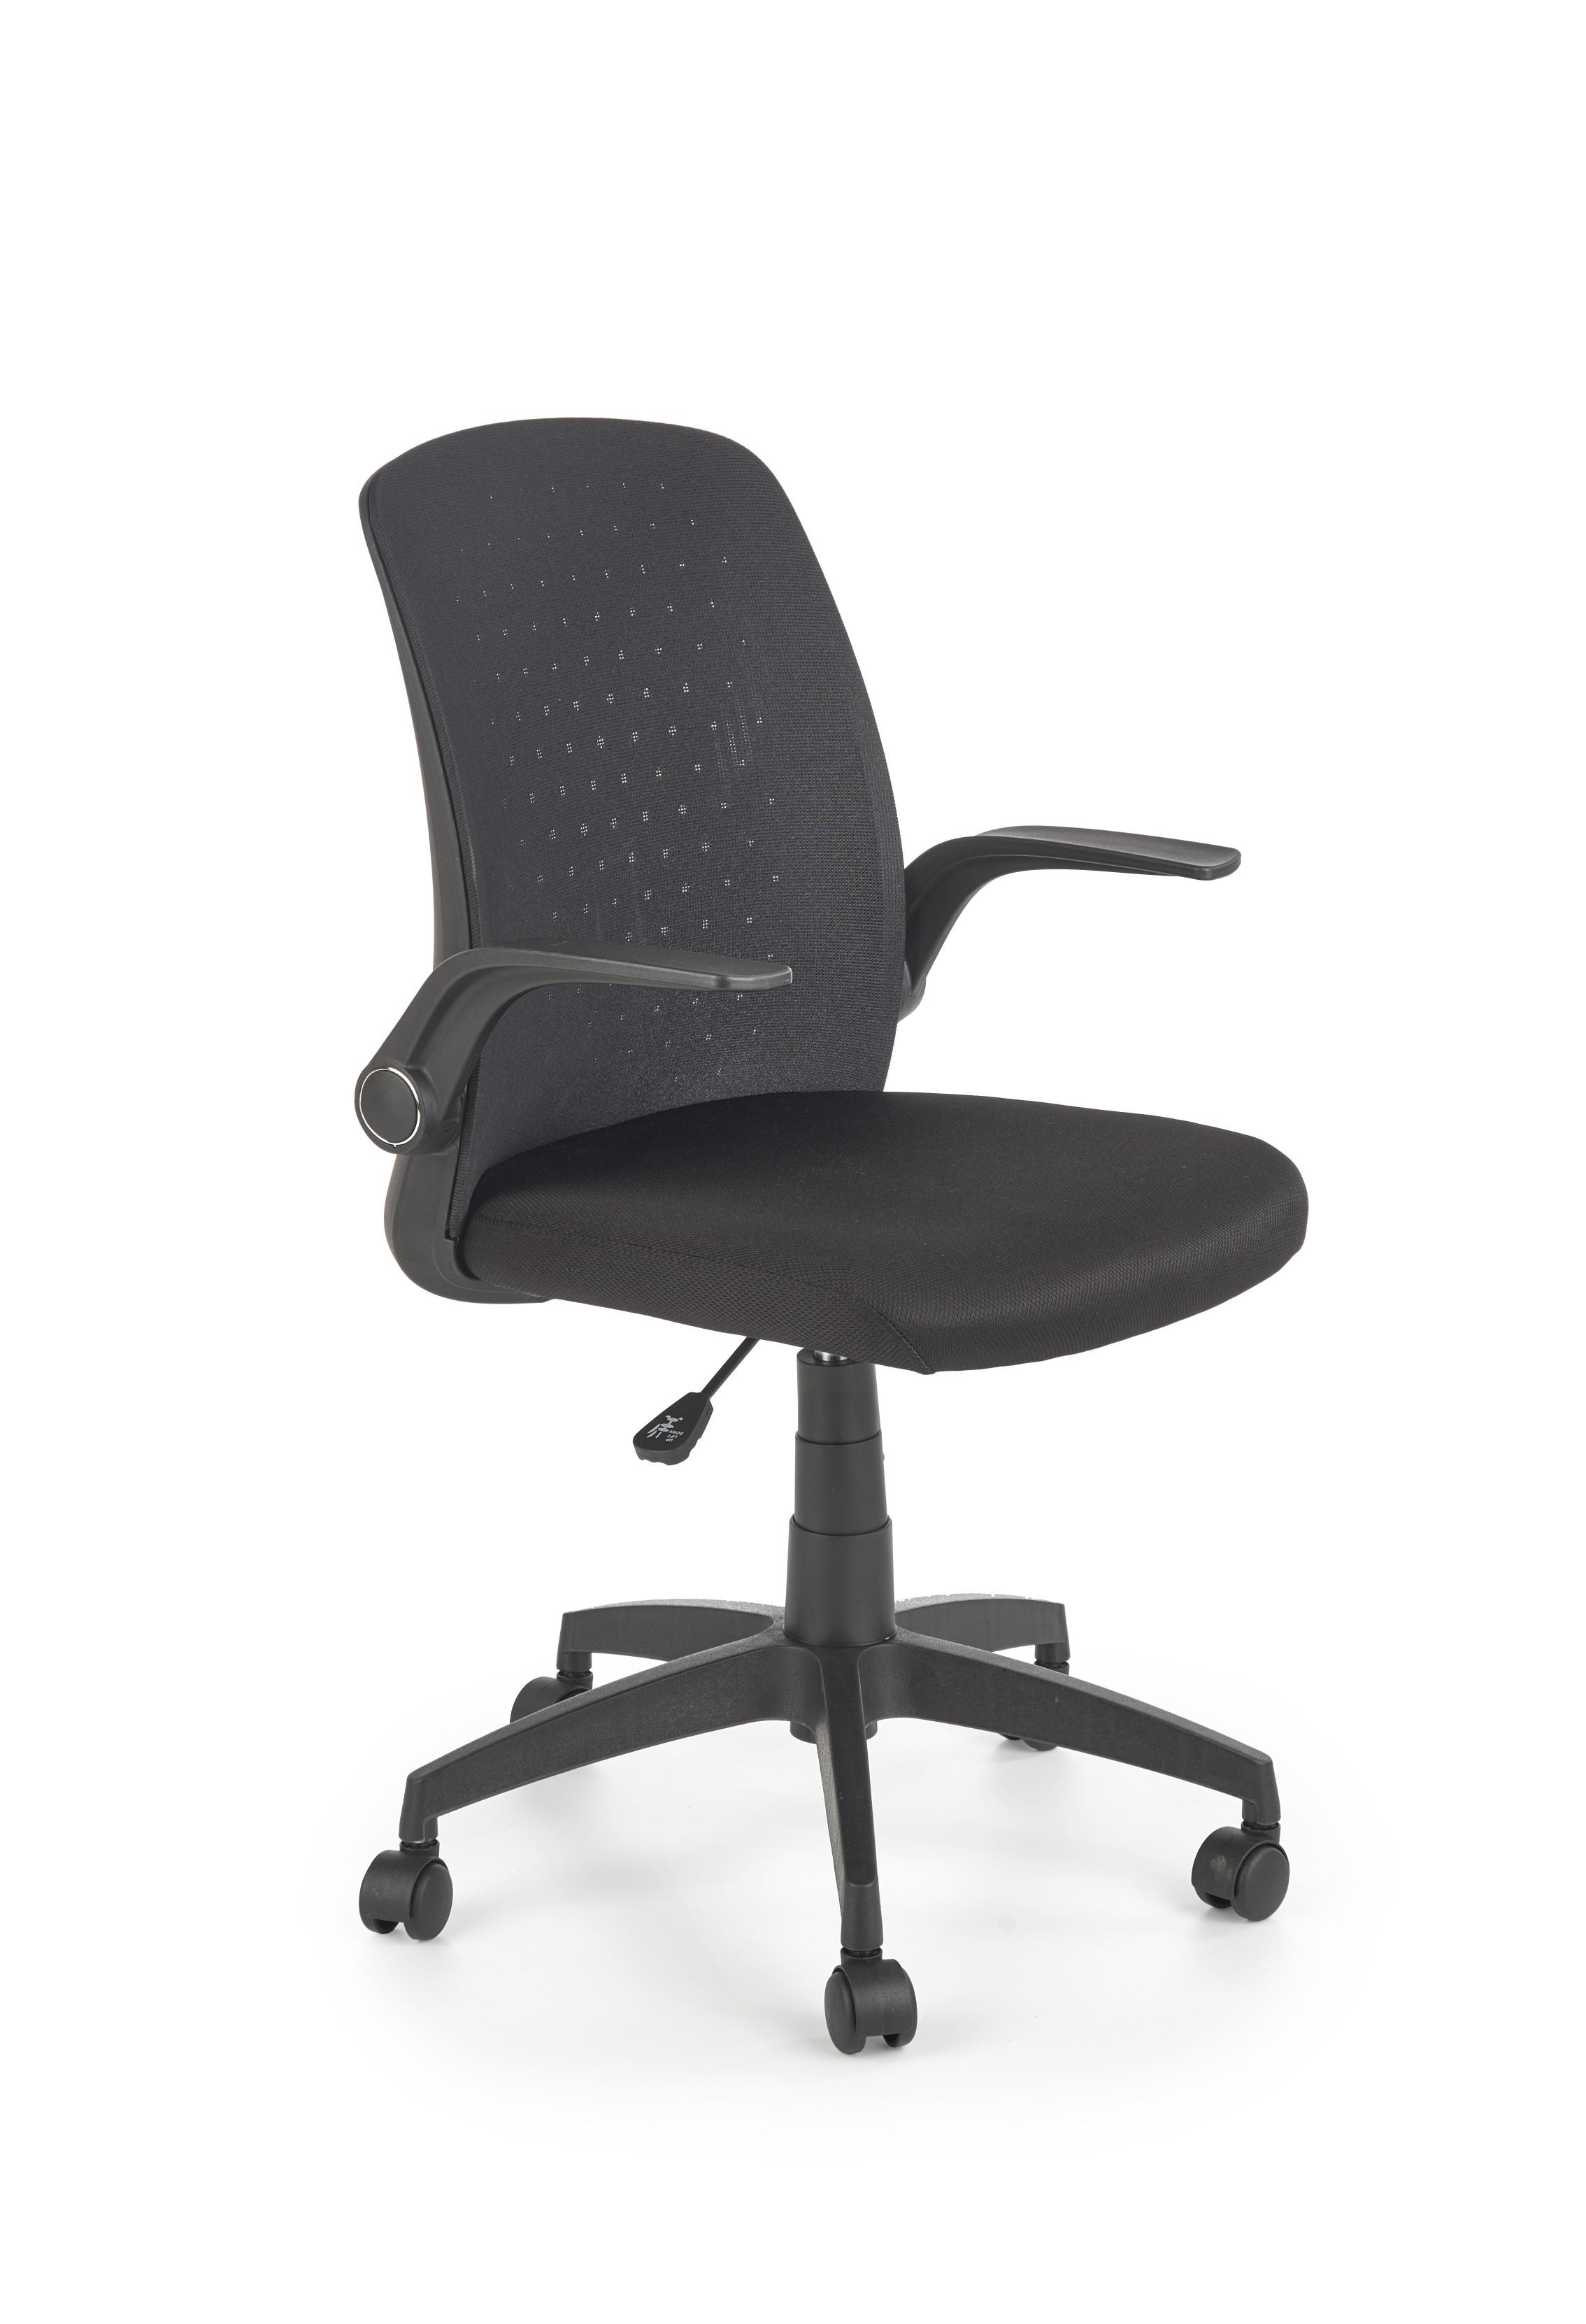 Scaun de birou ergonomic tapitat cu stofa Secret Negru, l55xA57xH86-94 cm